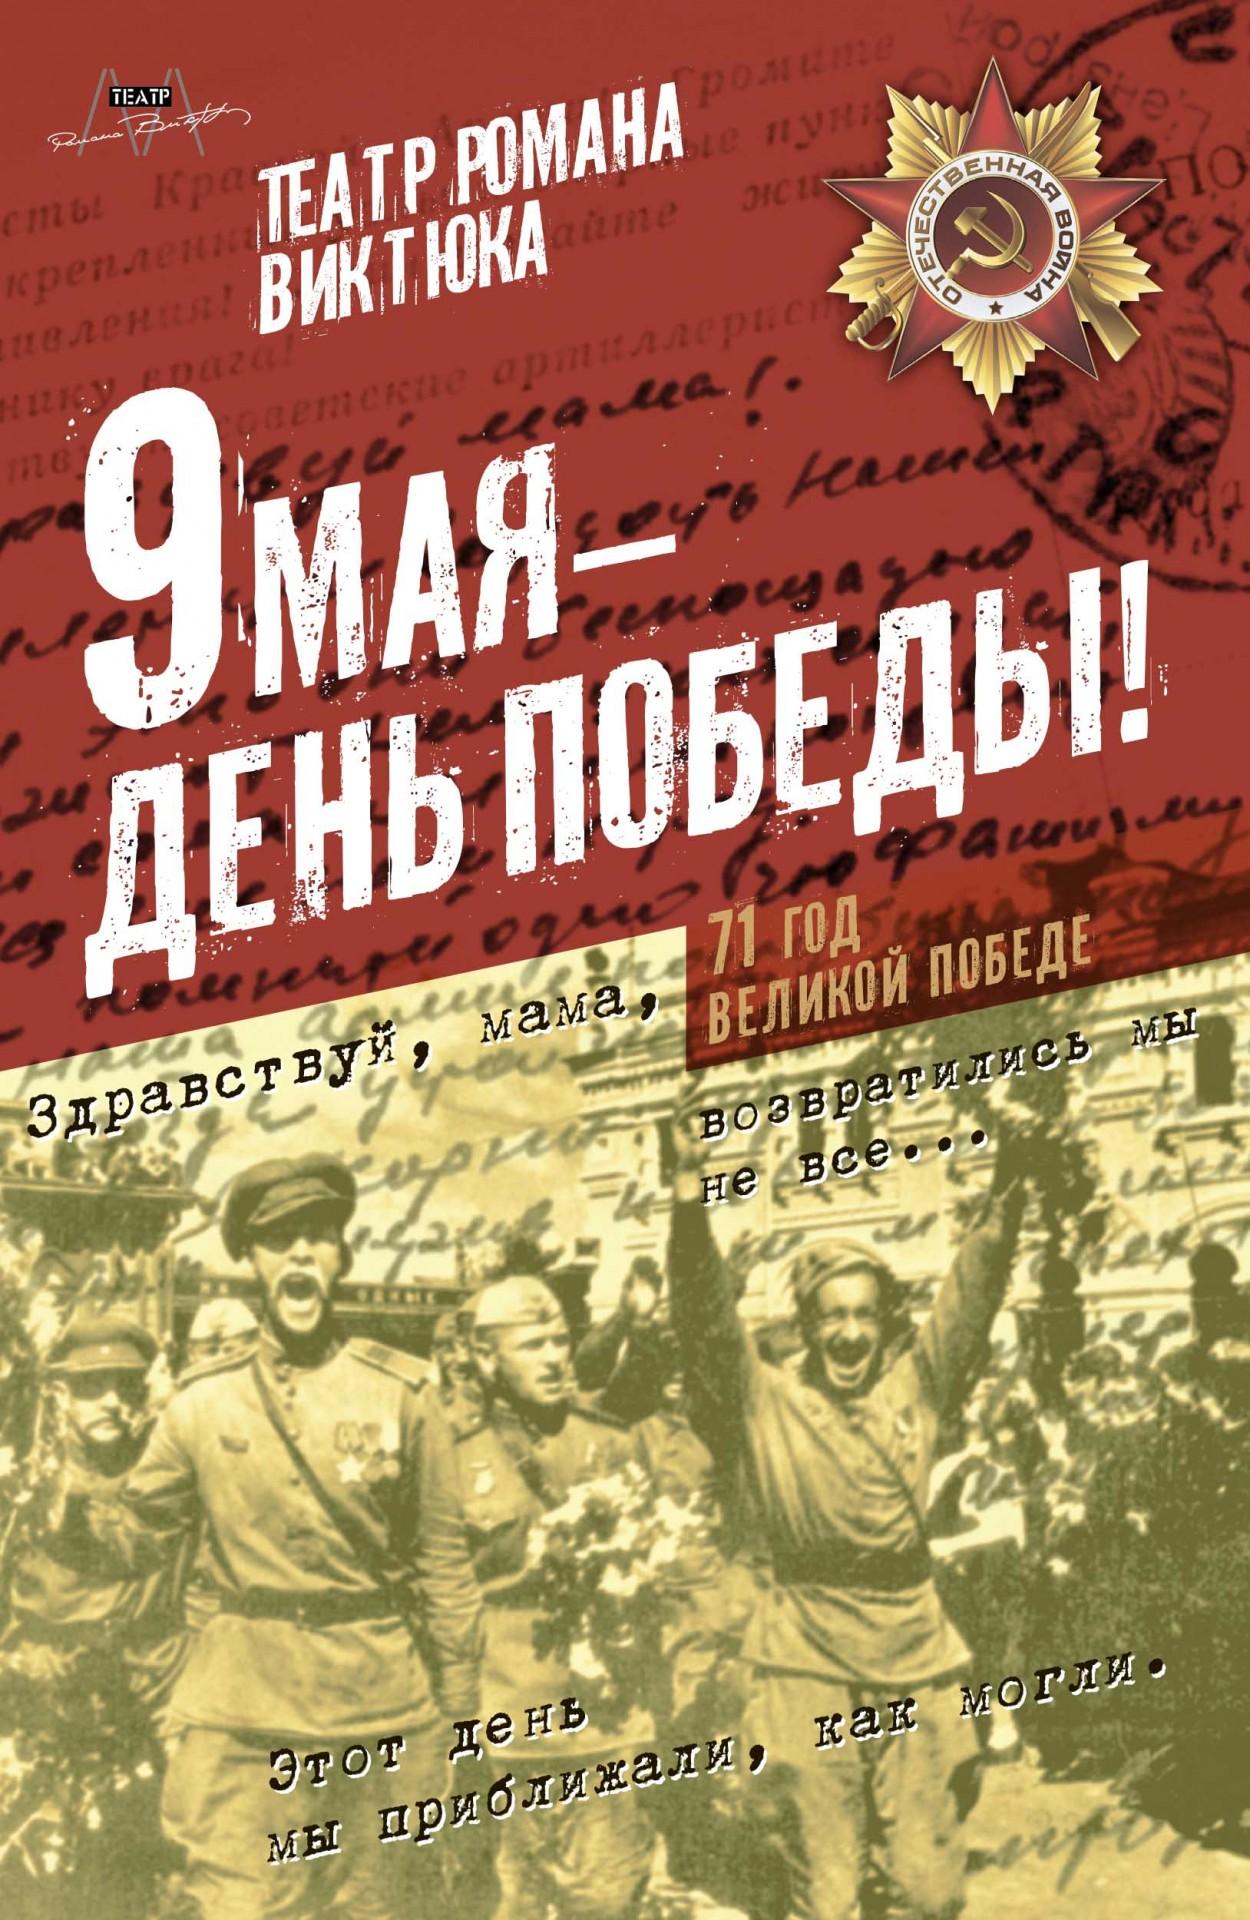 Театр Романа Виктюка_9 May